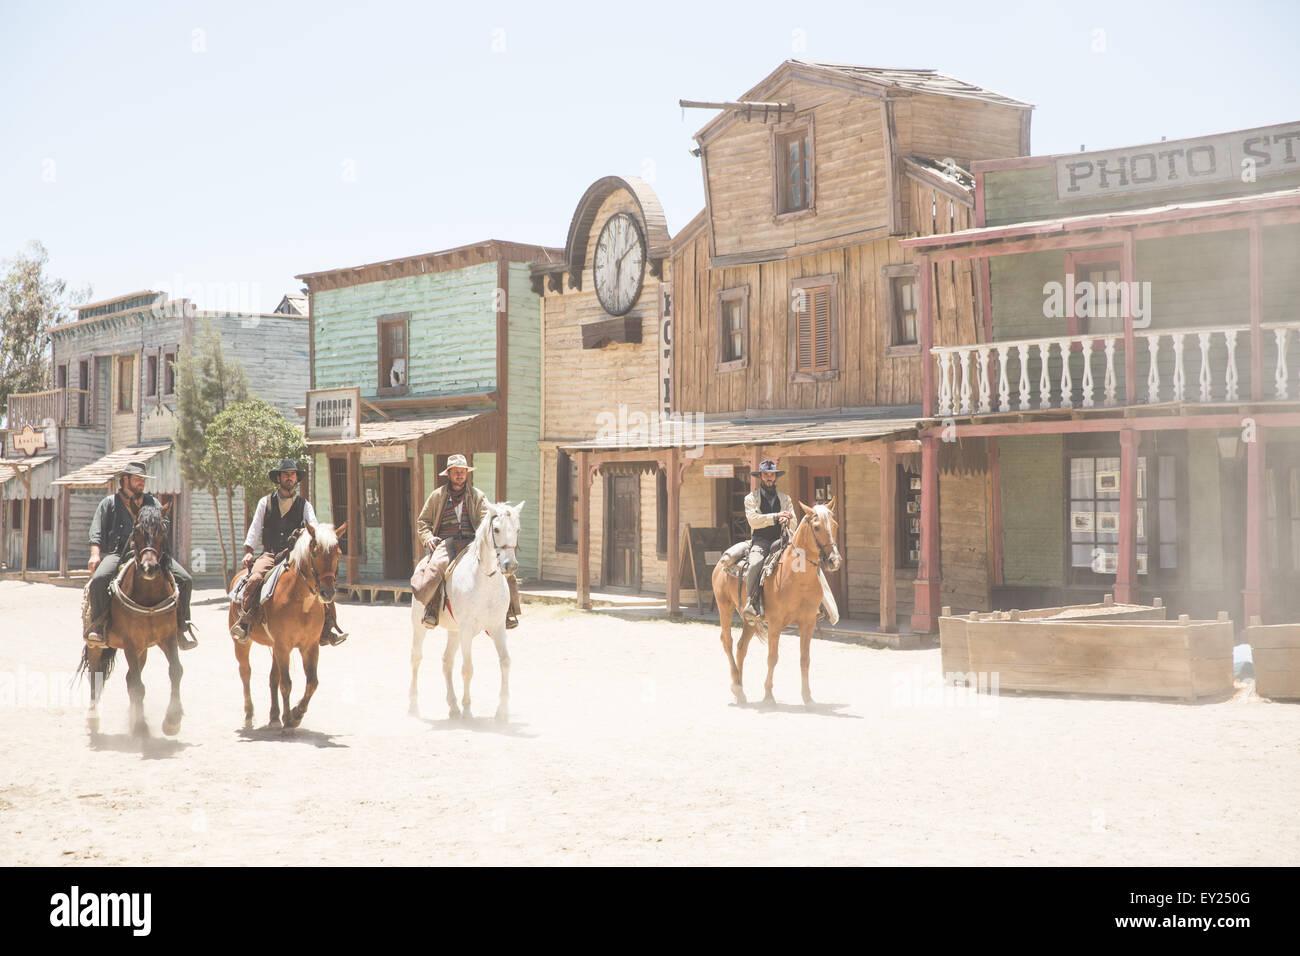 Bande von Cowboys Reiten und Pferde im wilden Westen Film eingestellt, Fort Bravo, Tabernas, Almeria, Spanien Stockbild